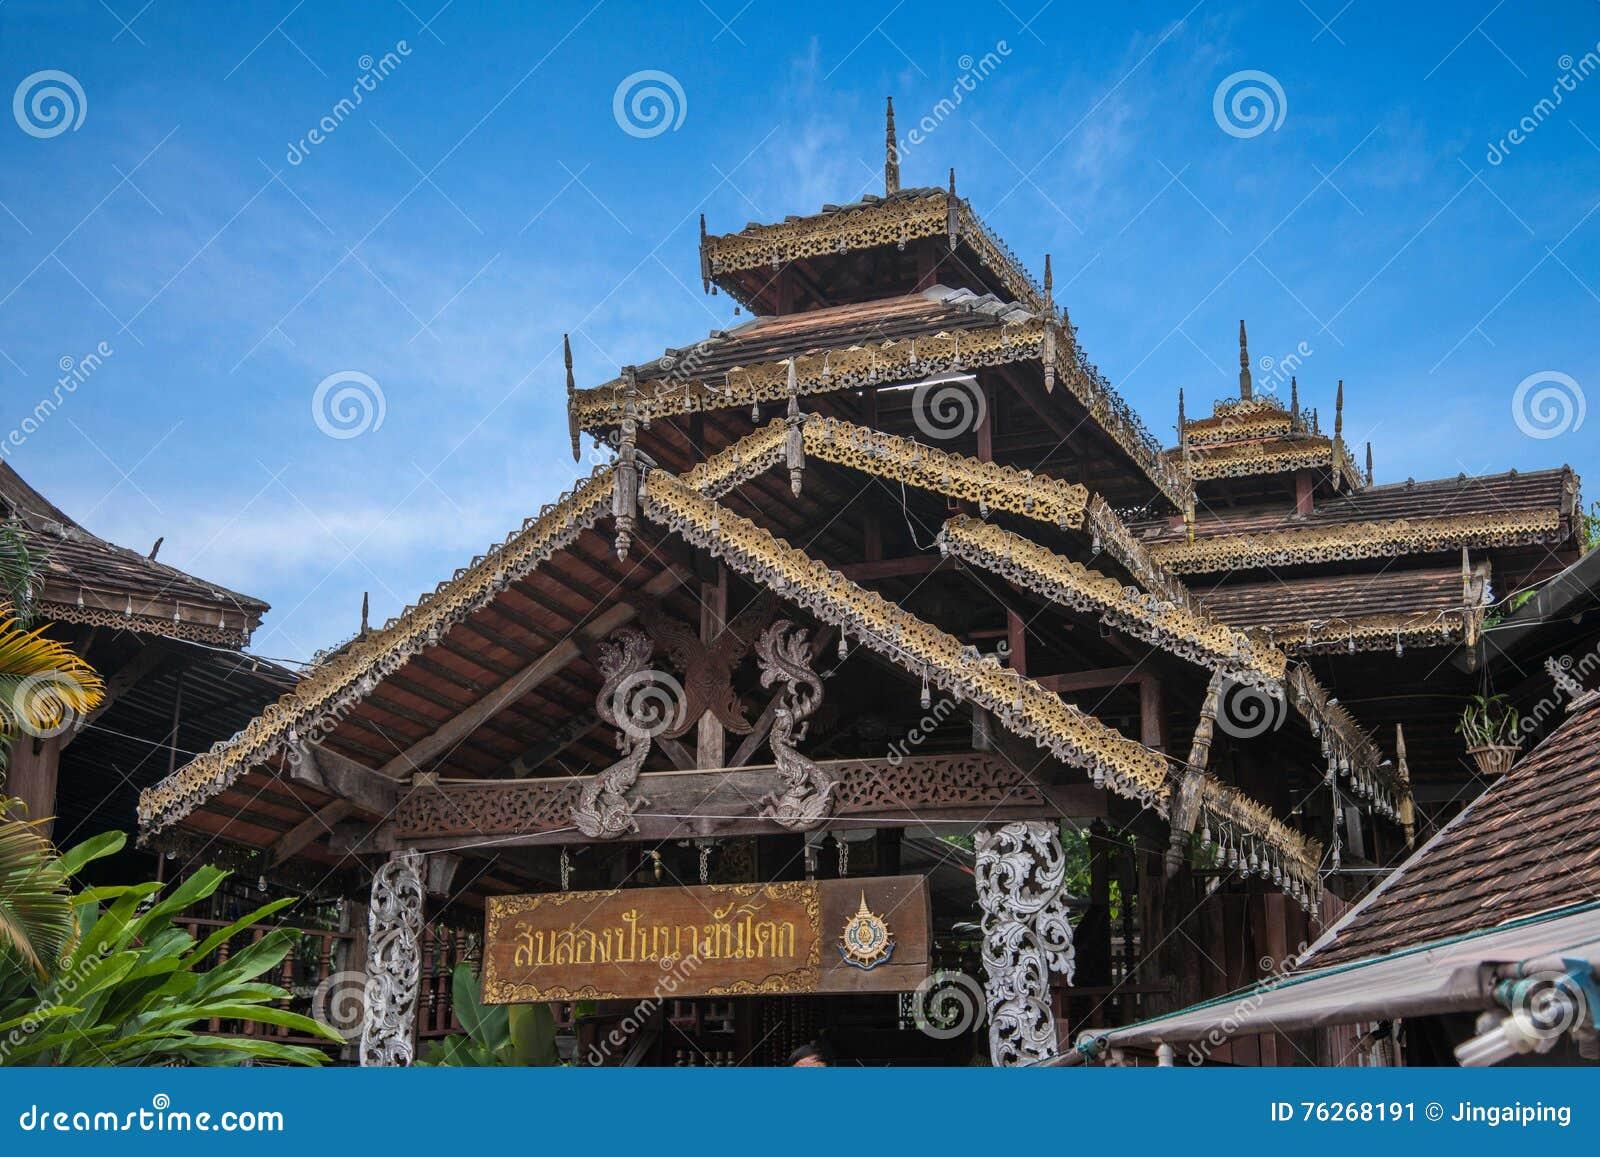 Final, Asian region cambodia laos Such